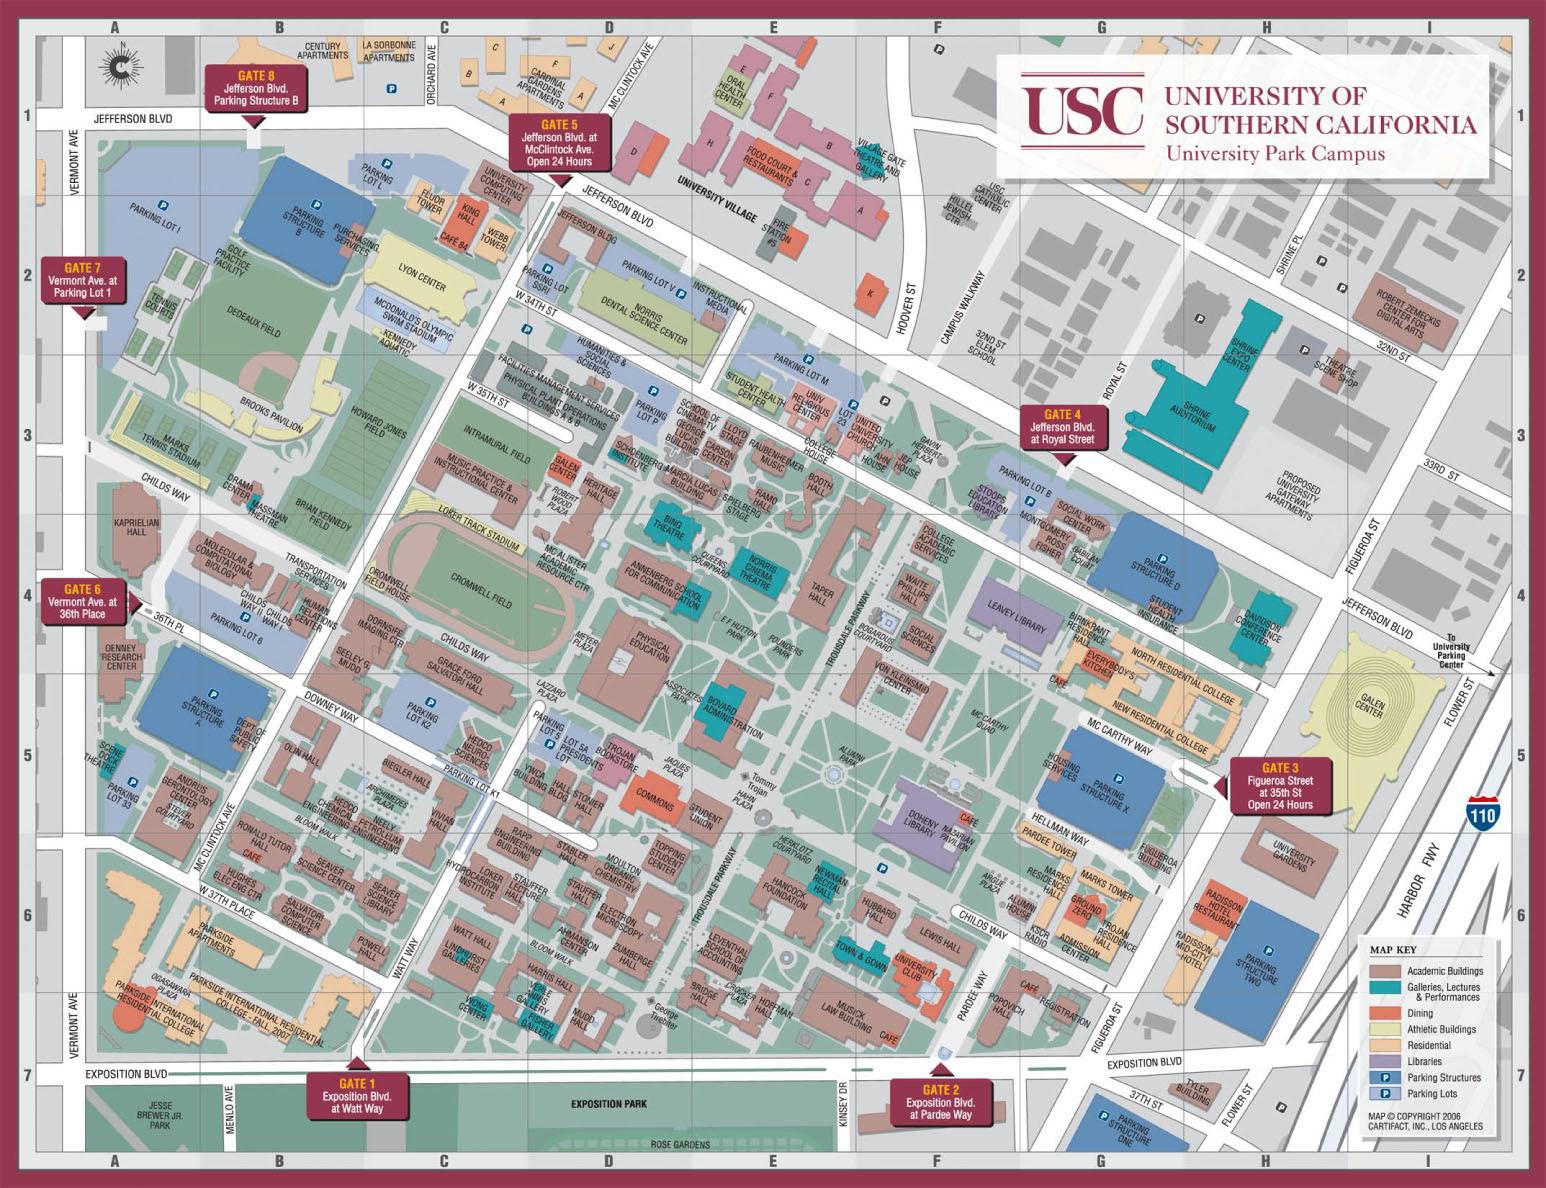 Usc Campus Map - CYNDIIMENNA